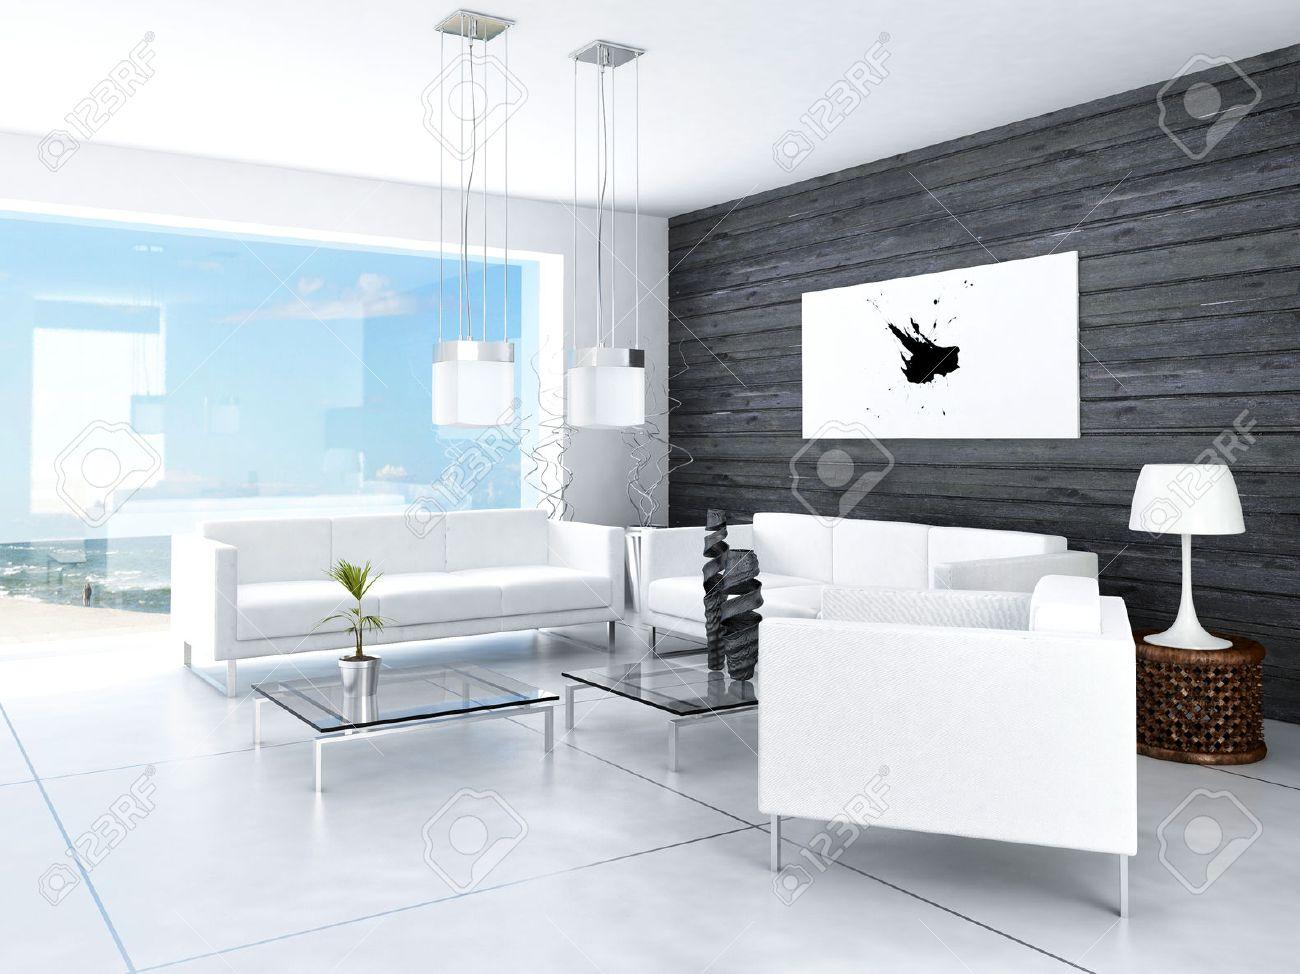 Modernes Design Schwarz Und Weiß Wohnzimmer Innenraum Lizenzfreie ...